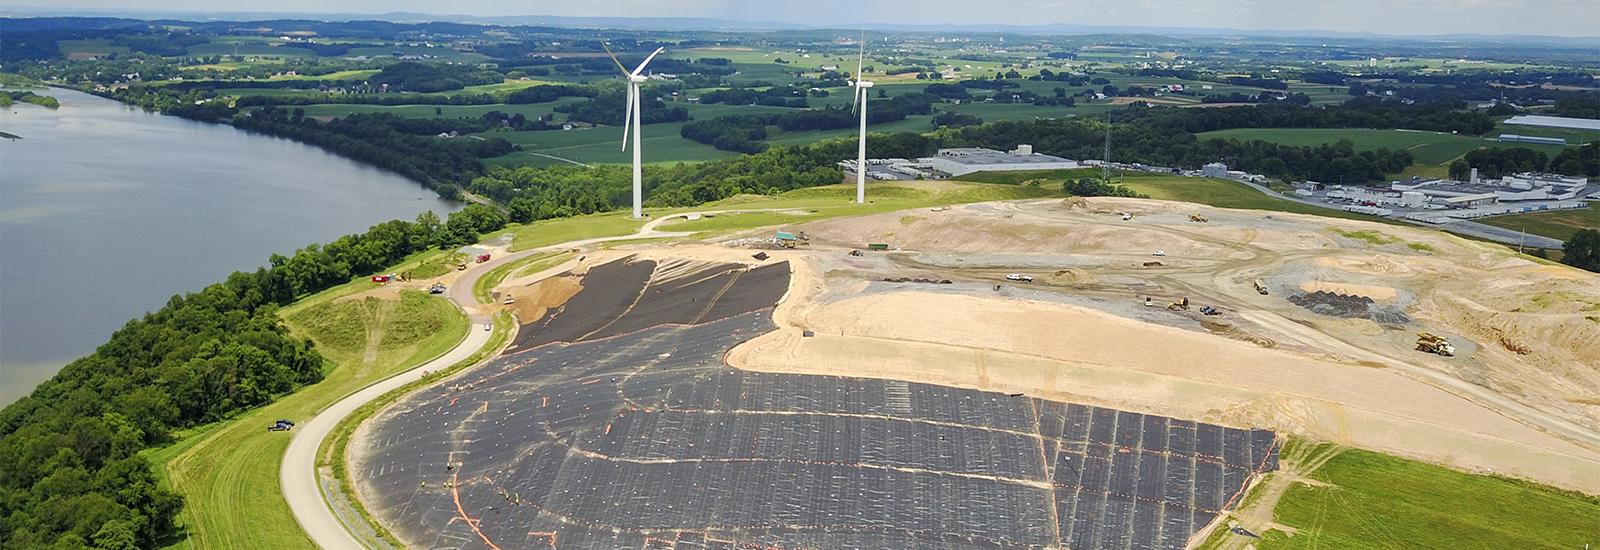 Frey Farm aerial